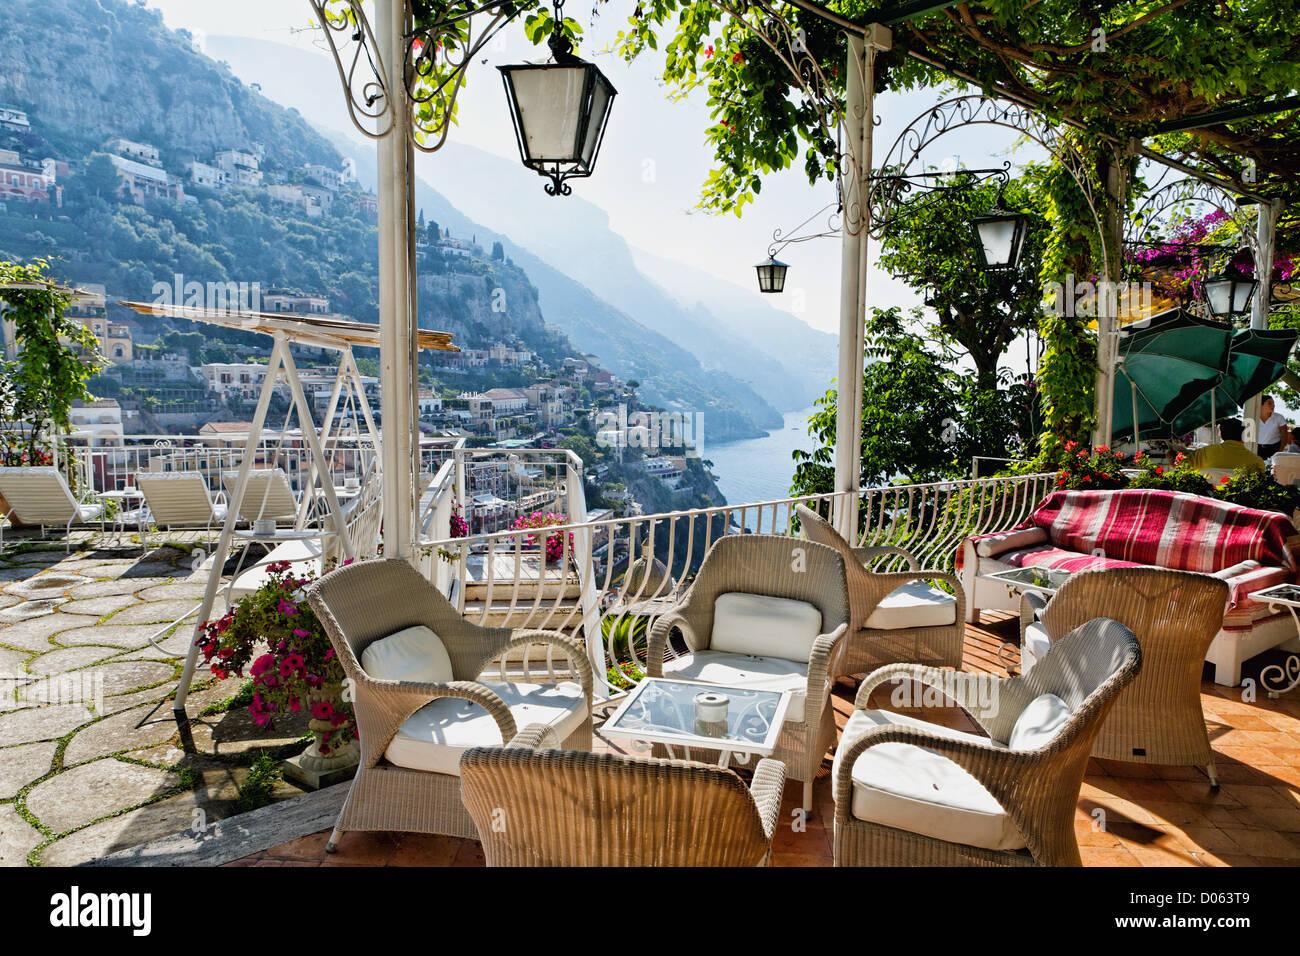 Terrace of Hotel Poseidon, Positano, Campania, Italy - Stock Image